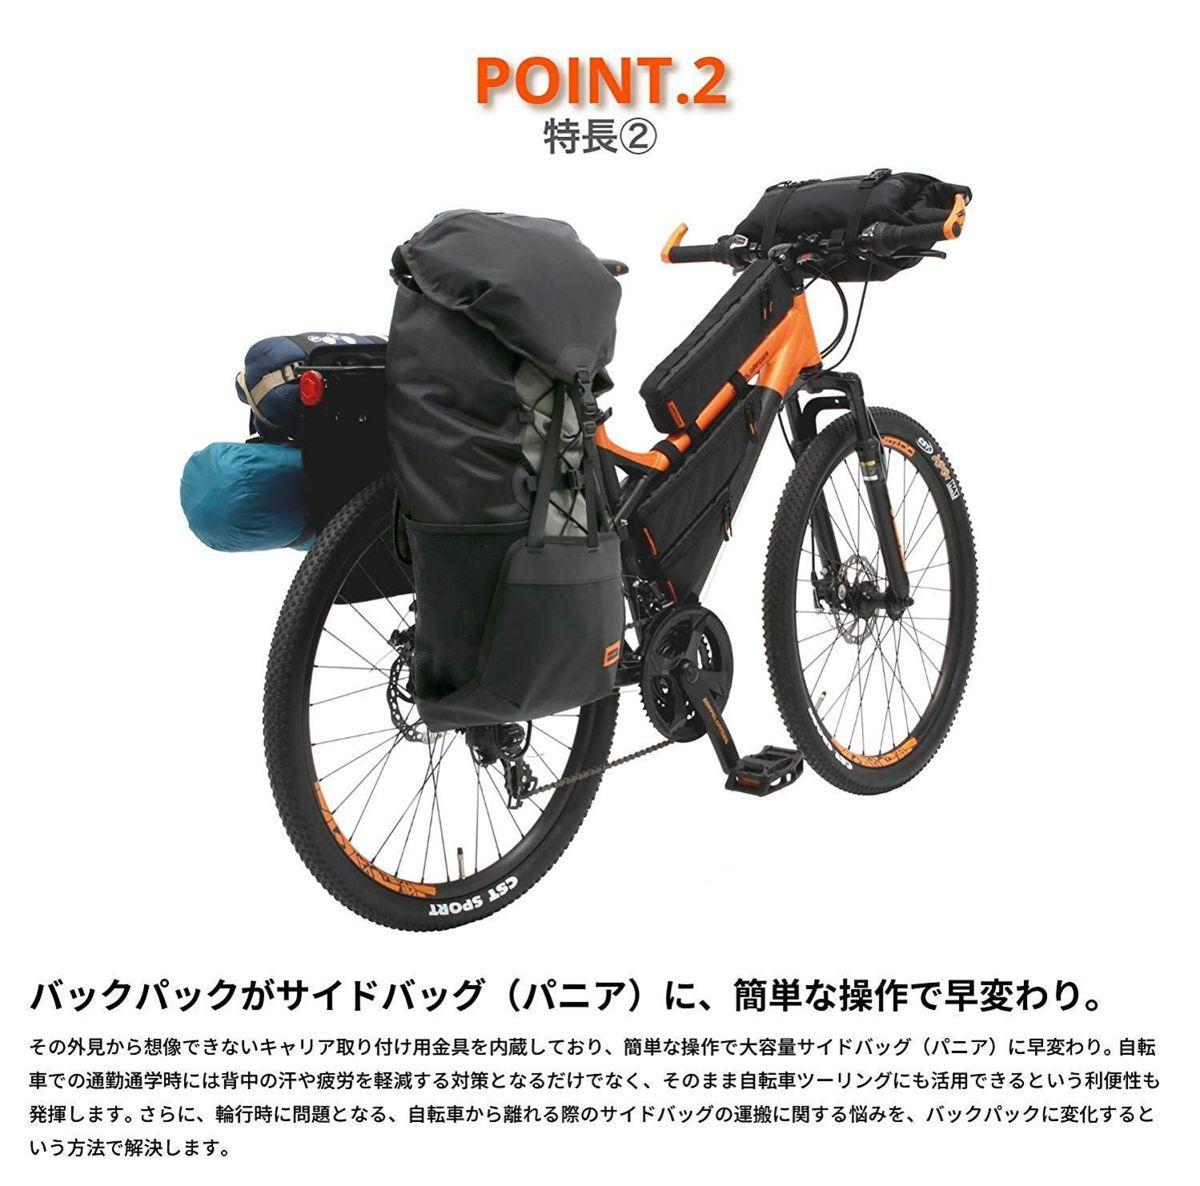 即決新品☆容量35L★自転車に積載することができる背負子型バックパック★リュックサック★パニアバッグ★大容量★サイドバックパック_画像5